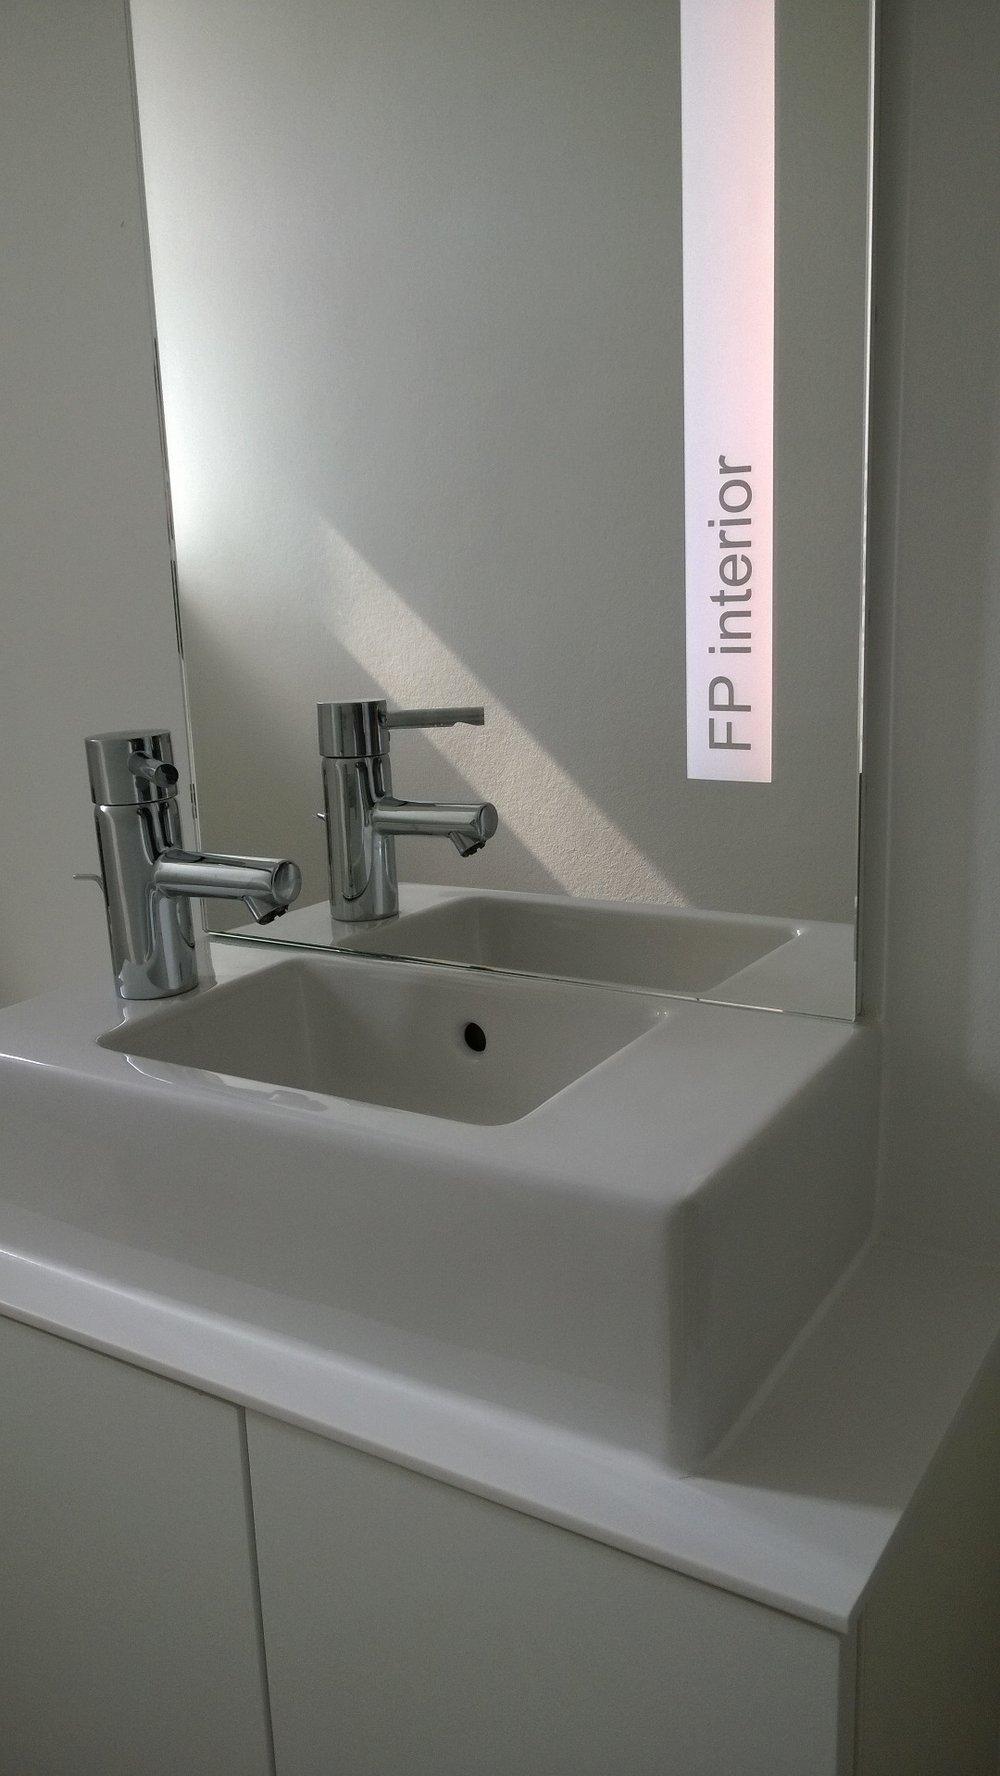 Spiegel teilsandgestrahlt